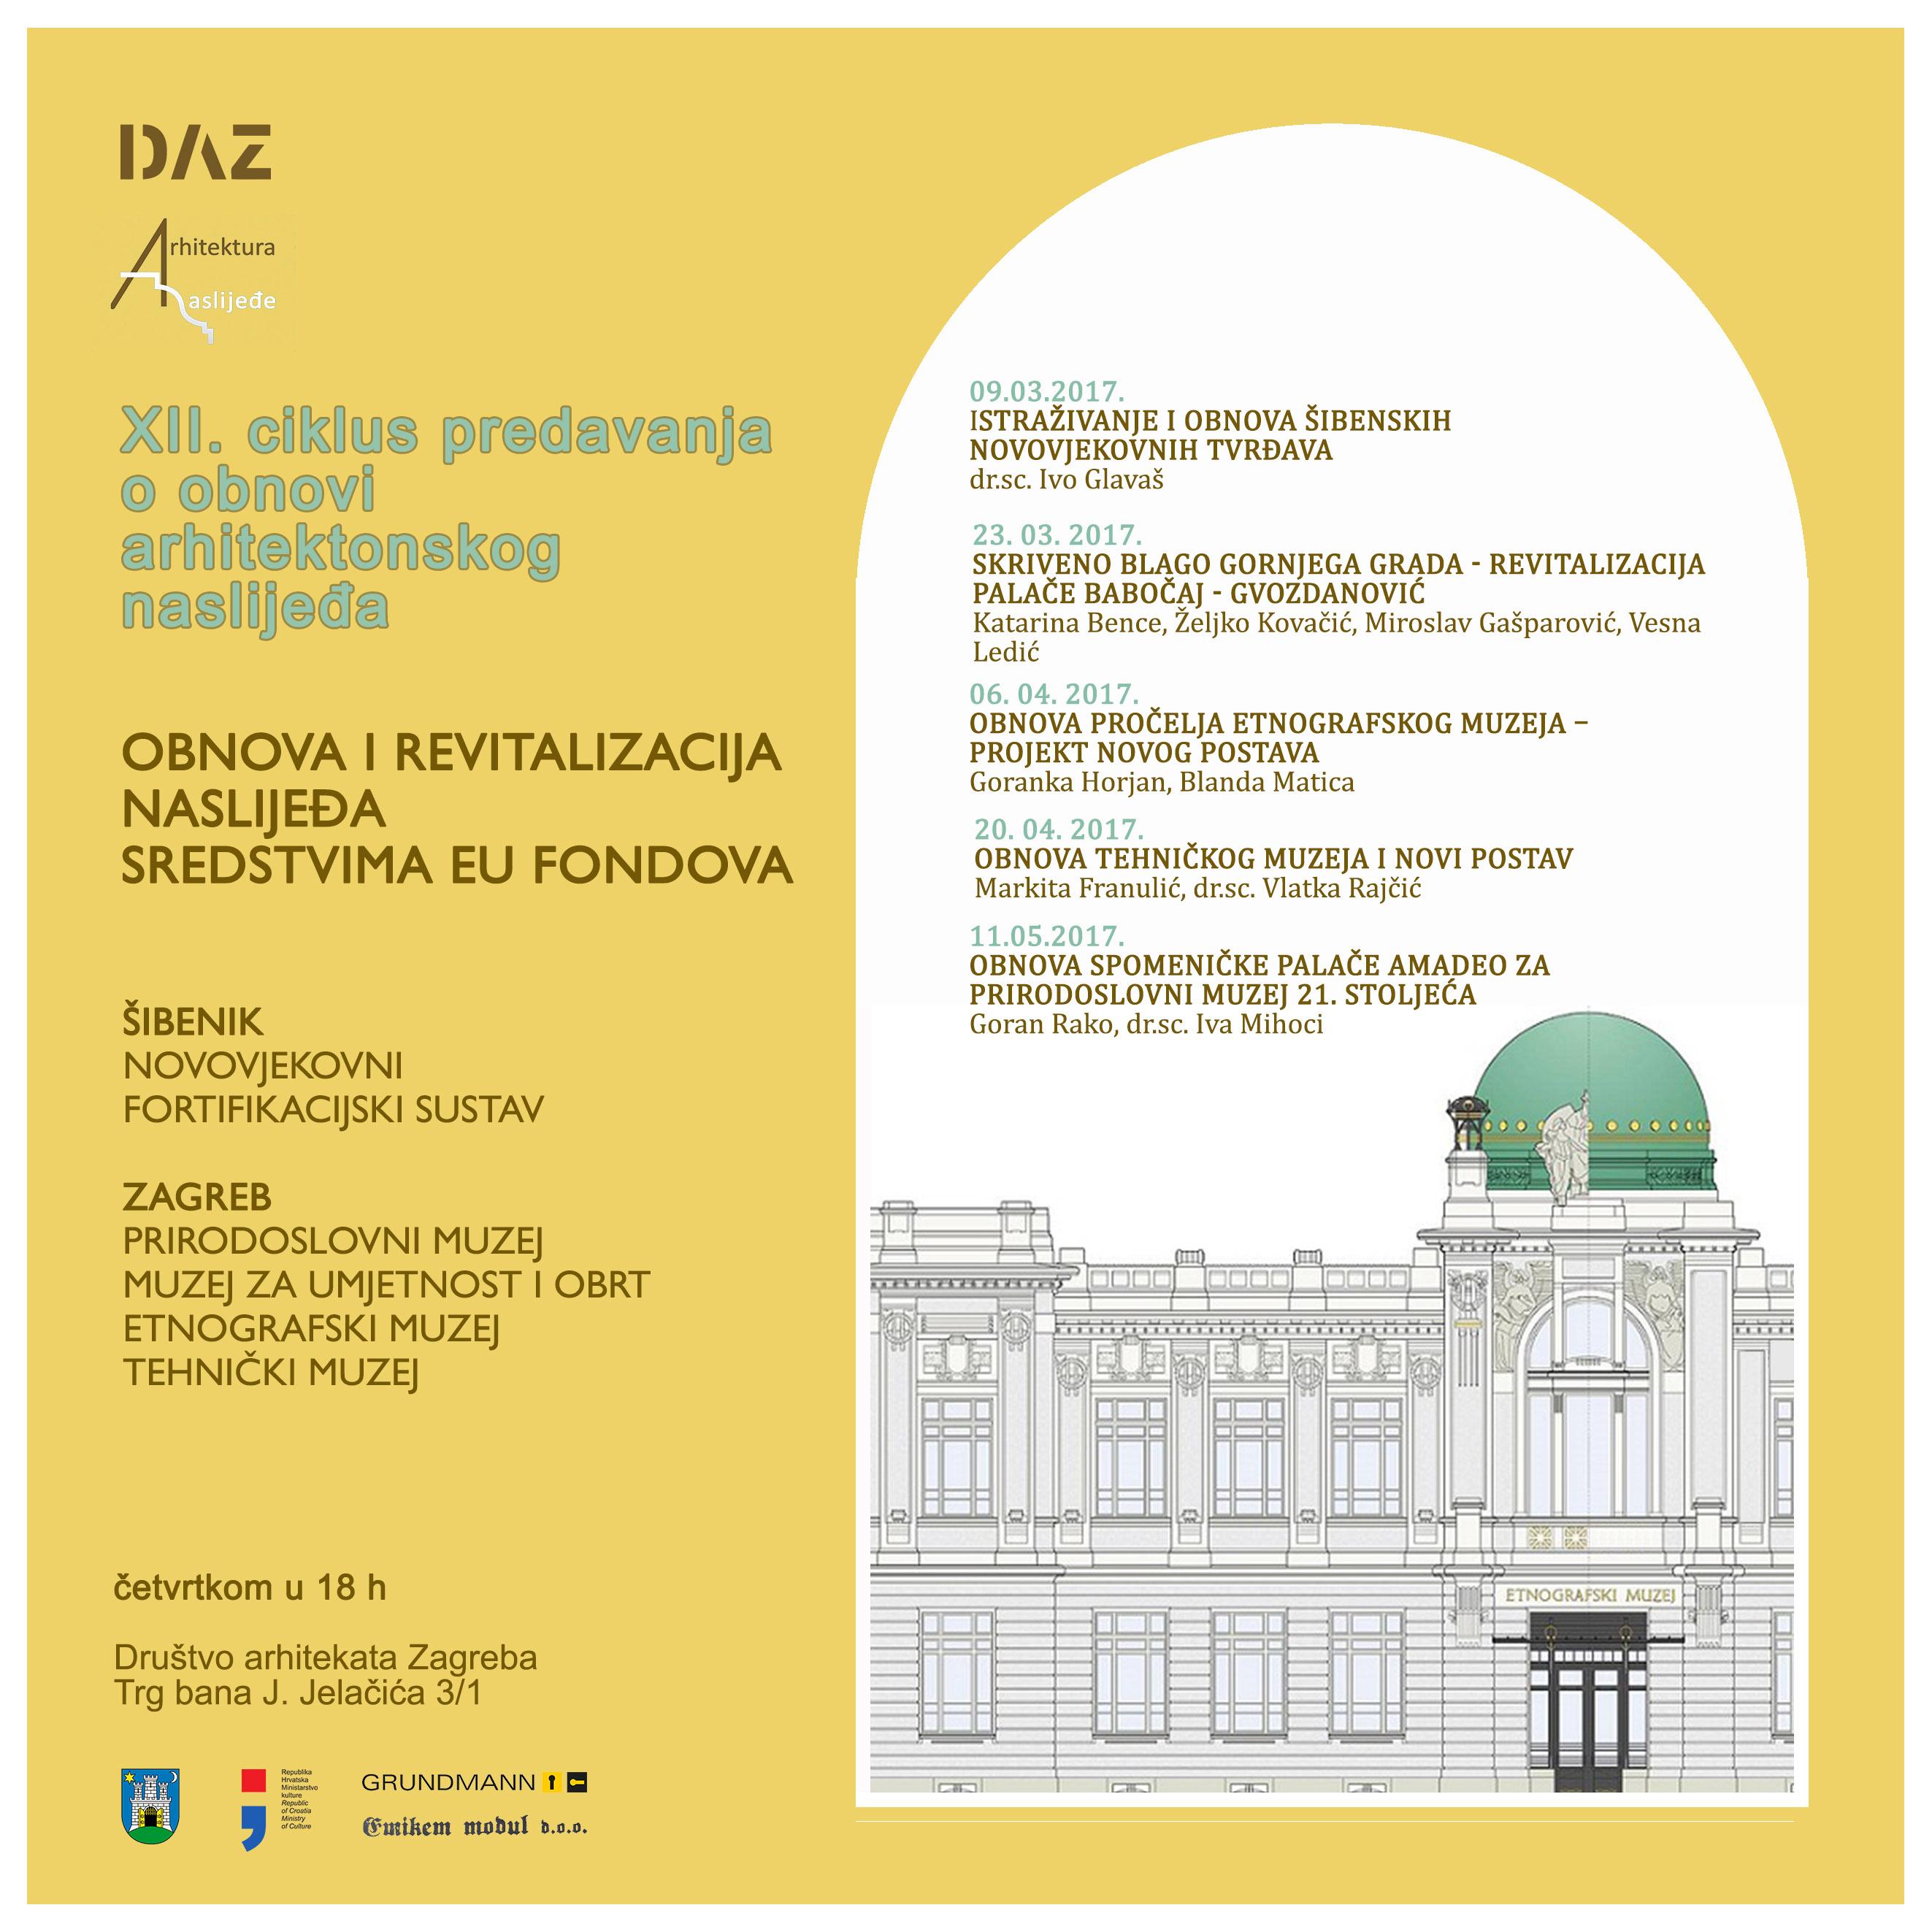 plakat-web Istraživanje i obnova šibenskih novovjekovnih tvrđava